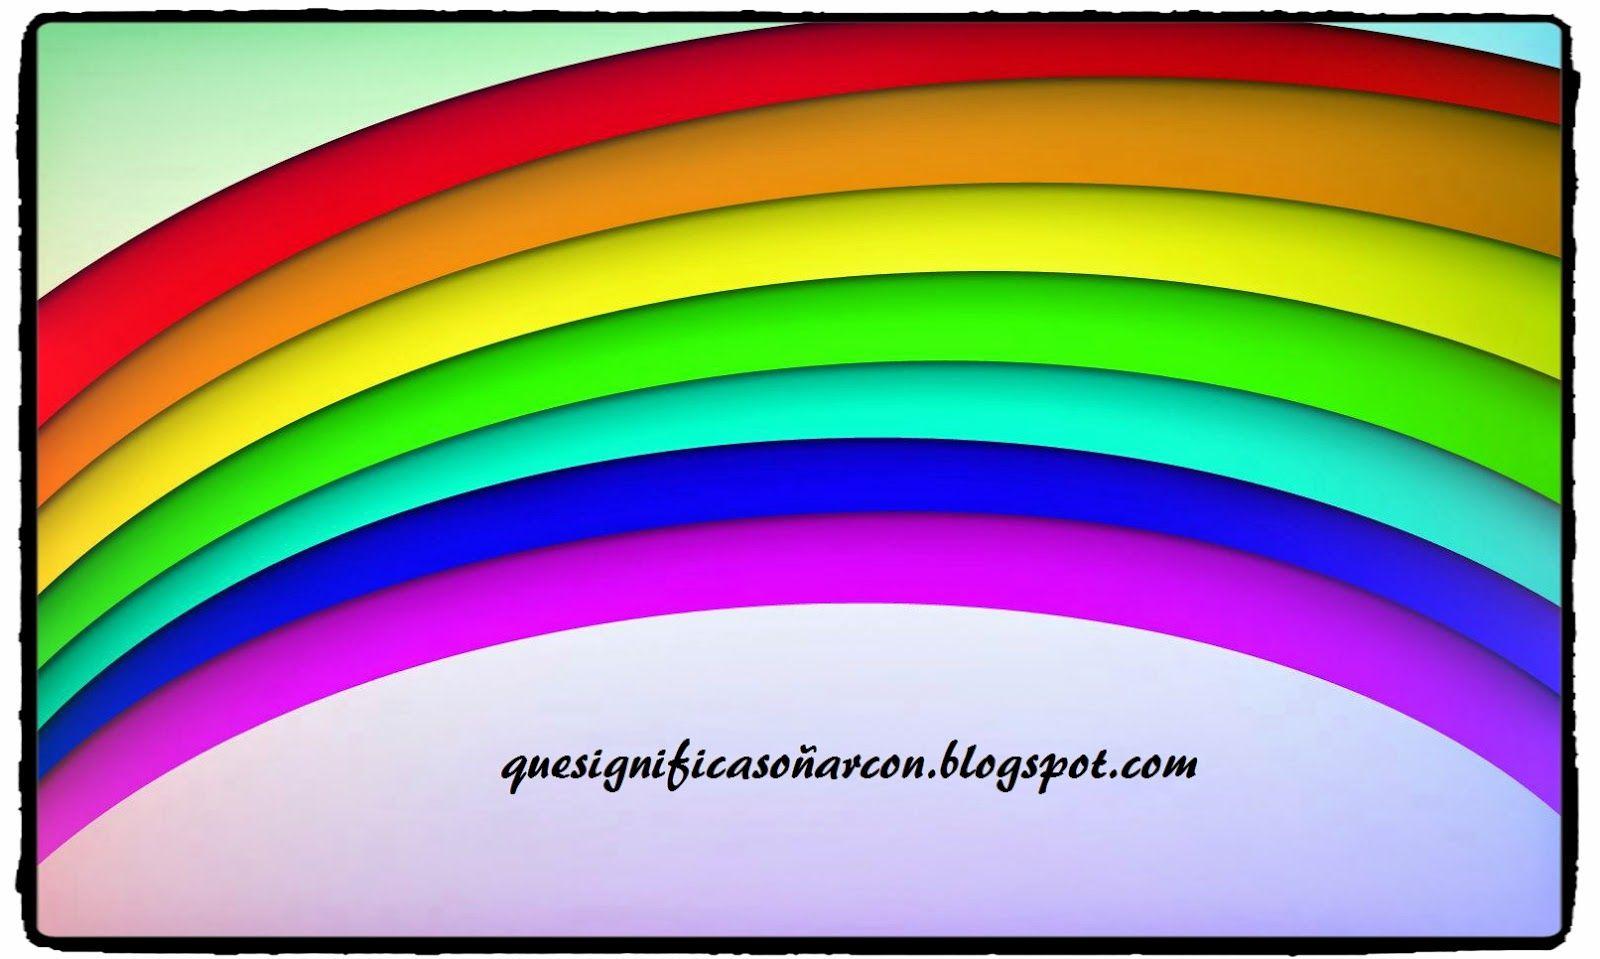 Que significa so ar con el arco iris contes pinterest - Bruguer colores para sonar ...